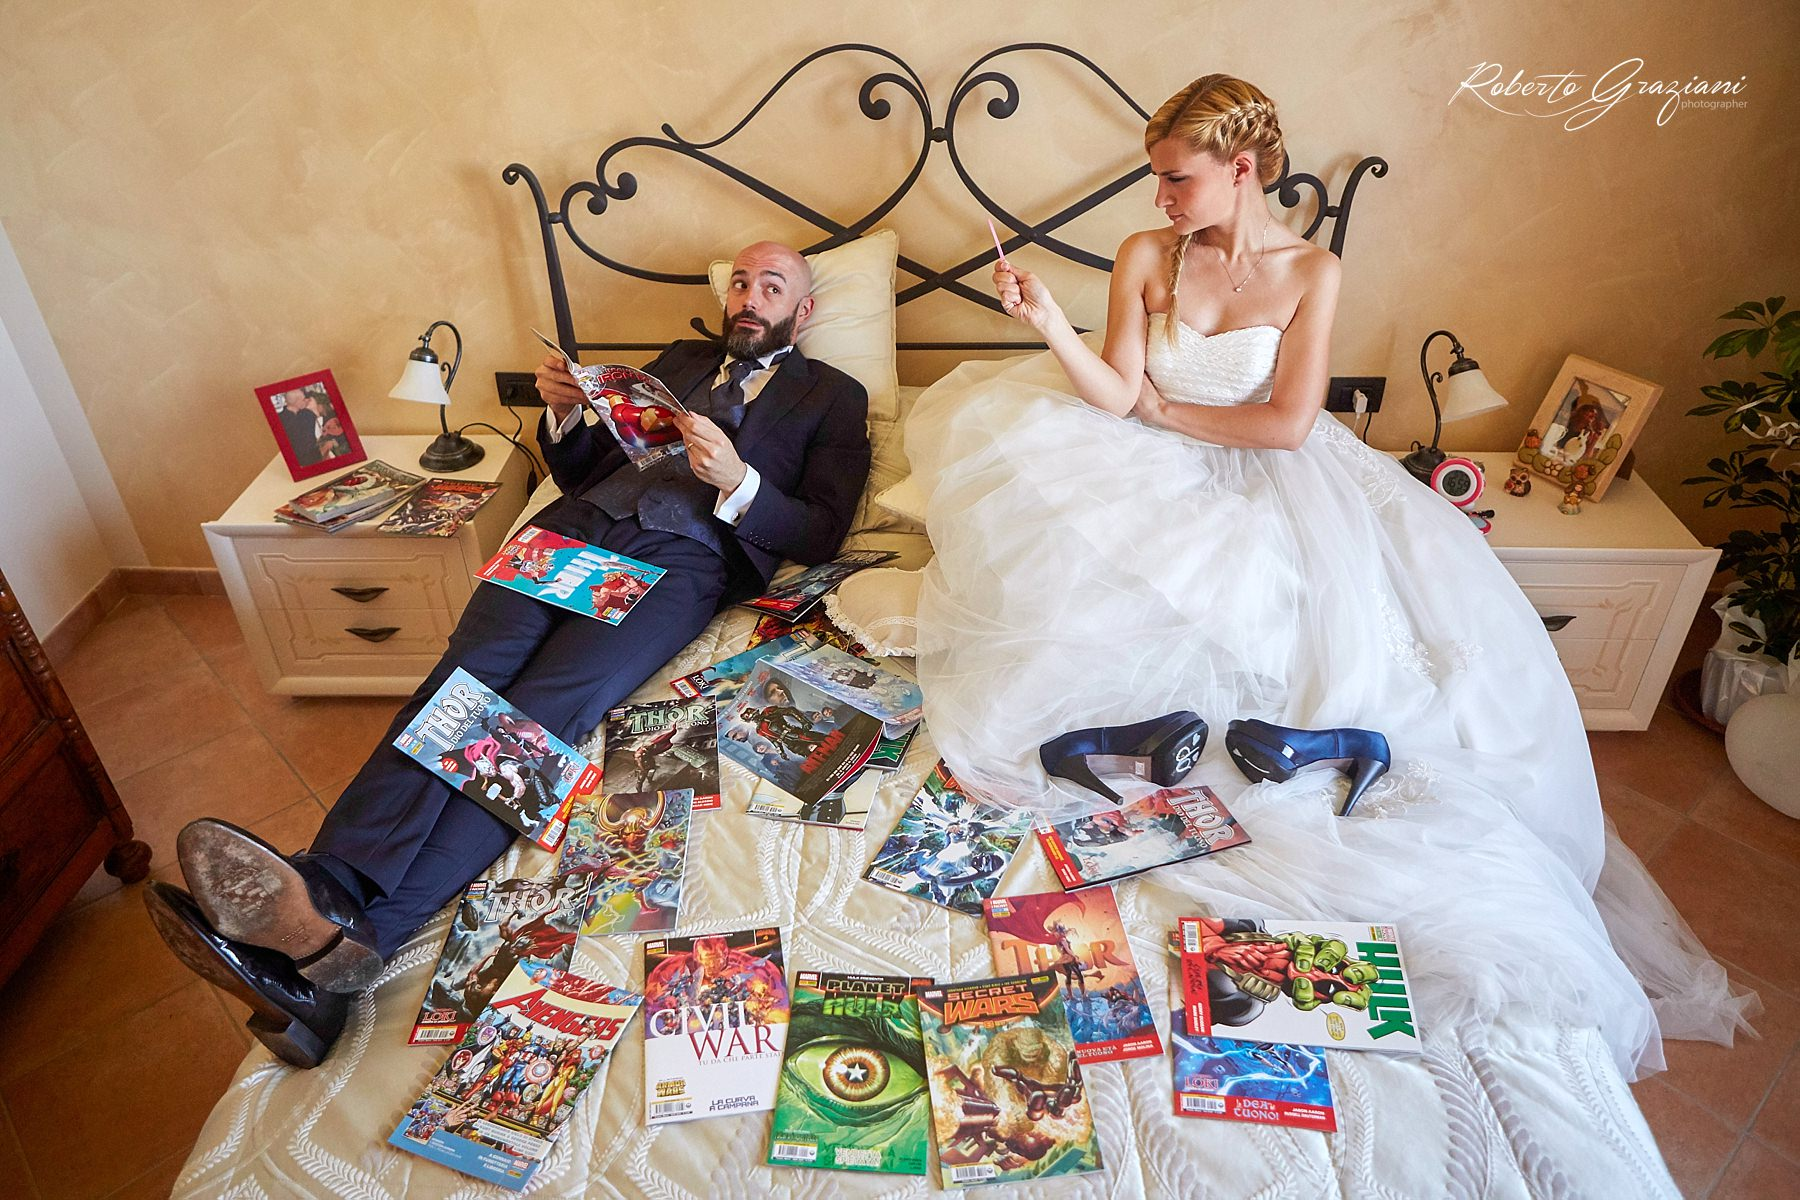 fotografia di matrimonio con due sposi simpatici sul letto